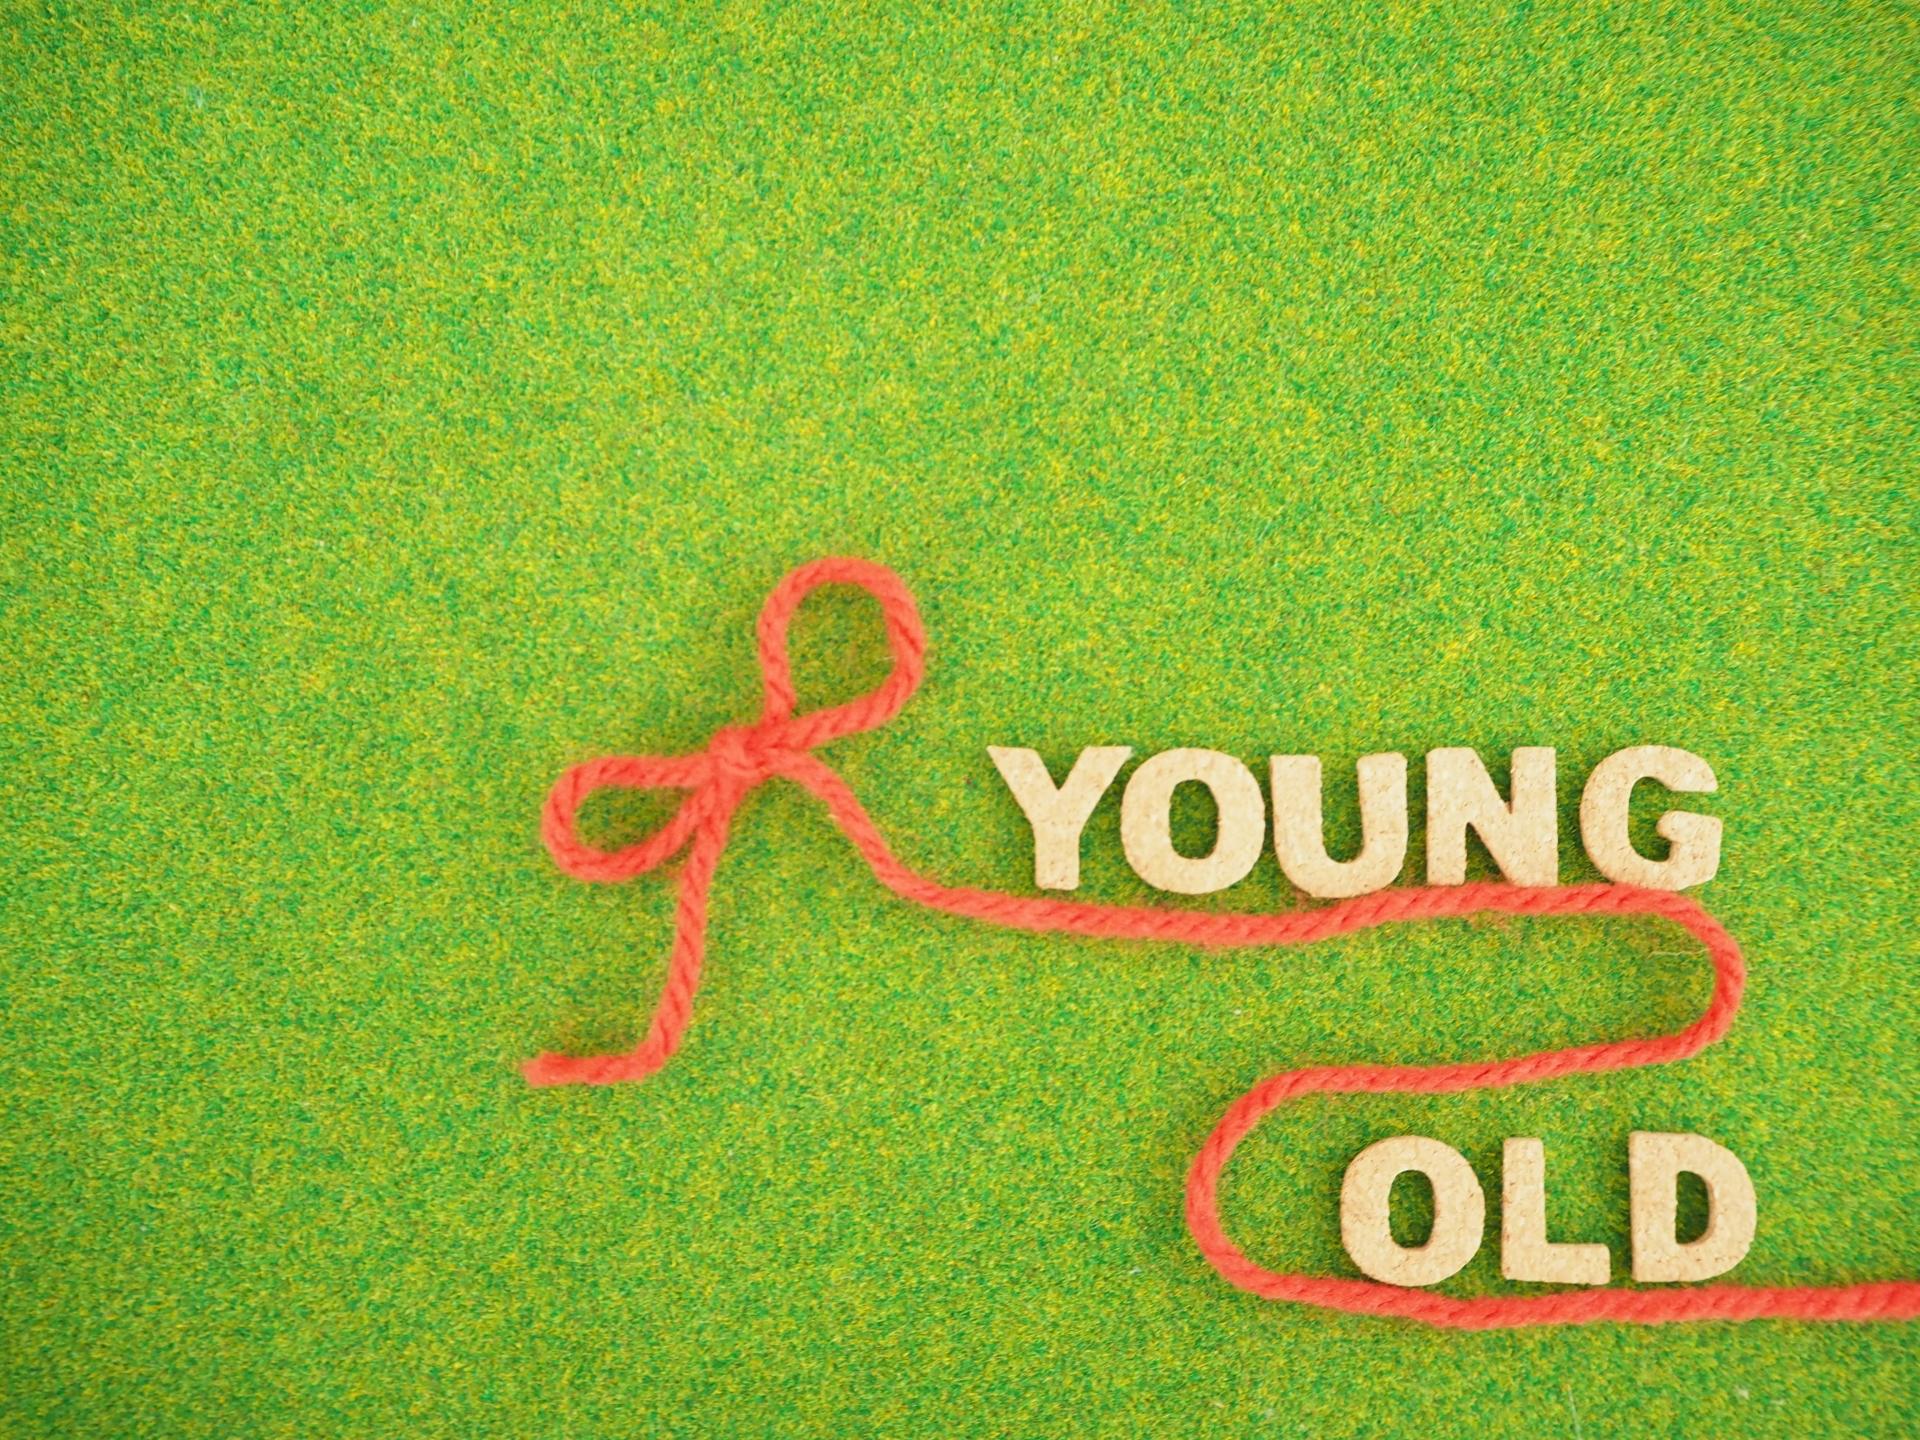 若者と高齢者、年齢によって投資方法は変えたほうがいい?